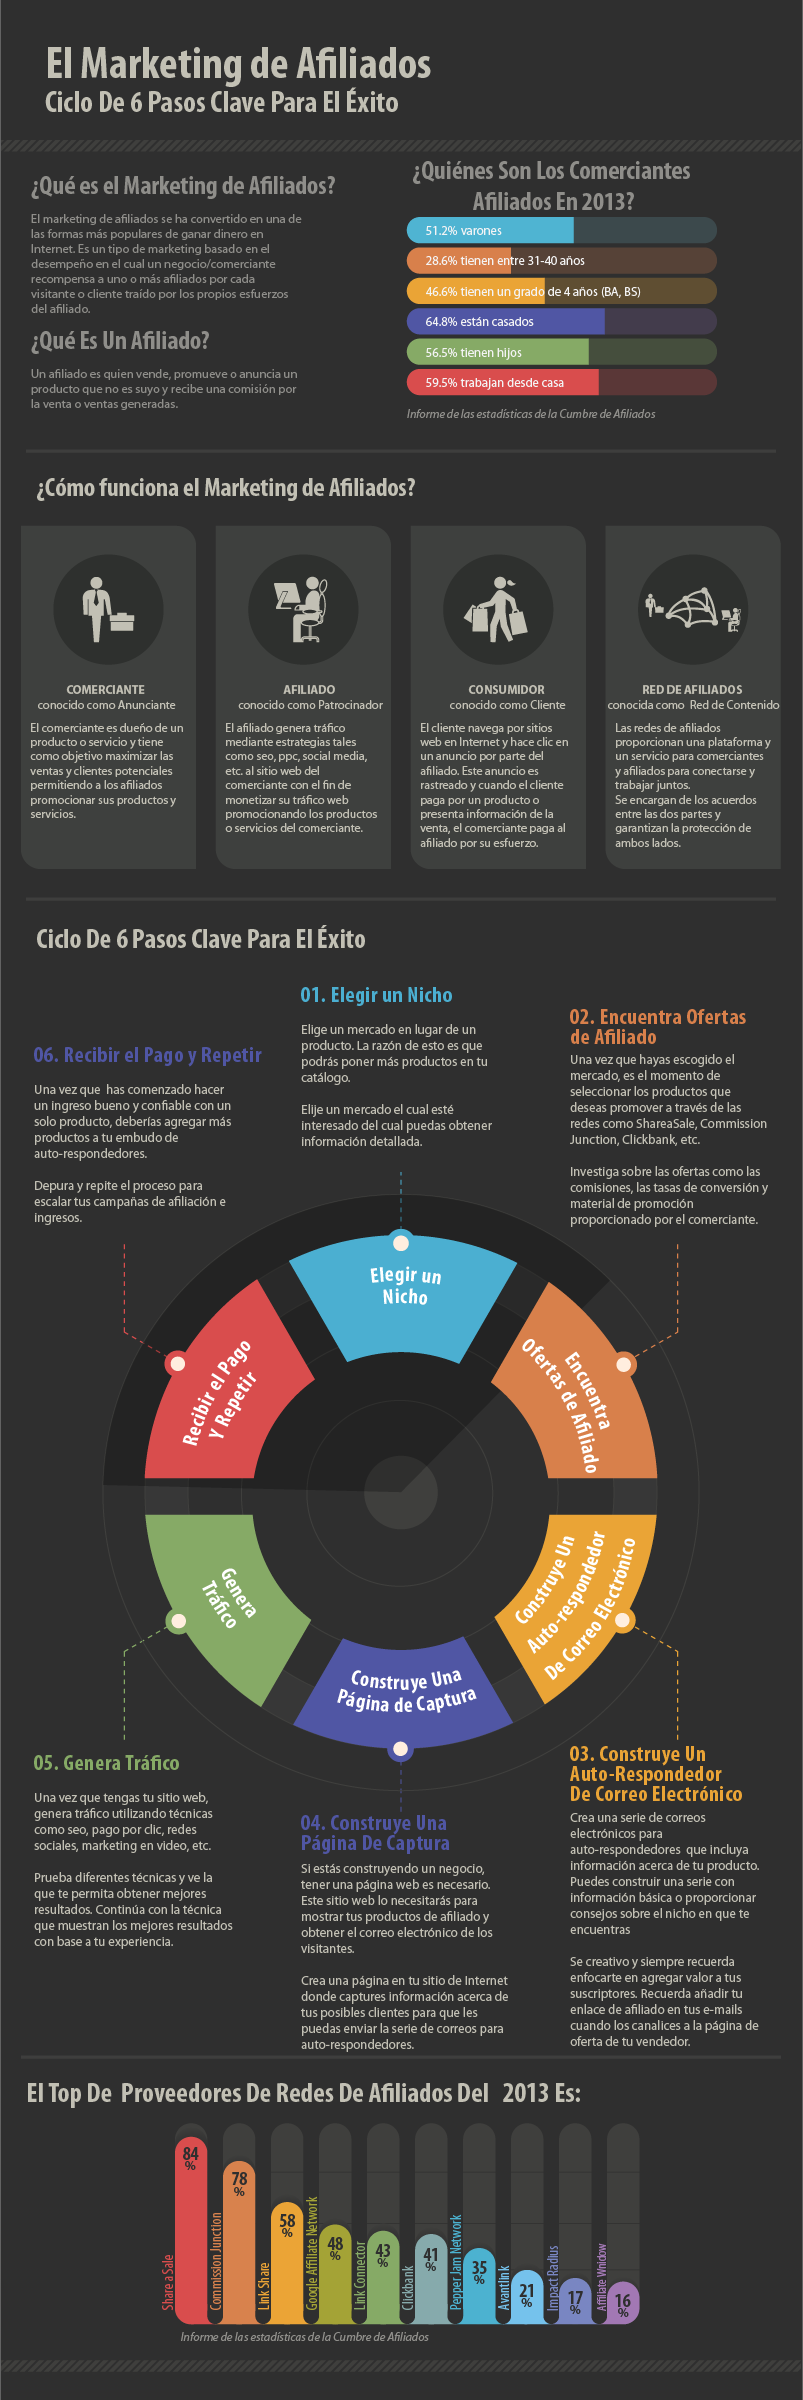 Marketing de afiliados: 6 claves para el éxito